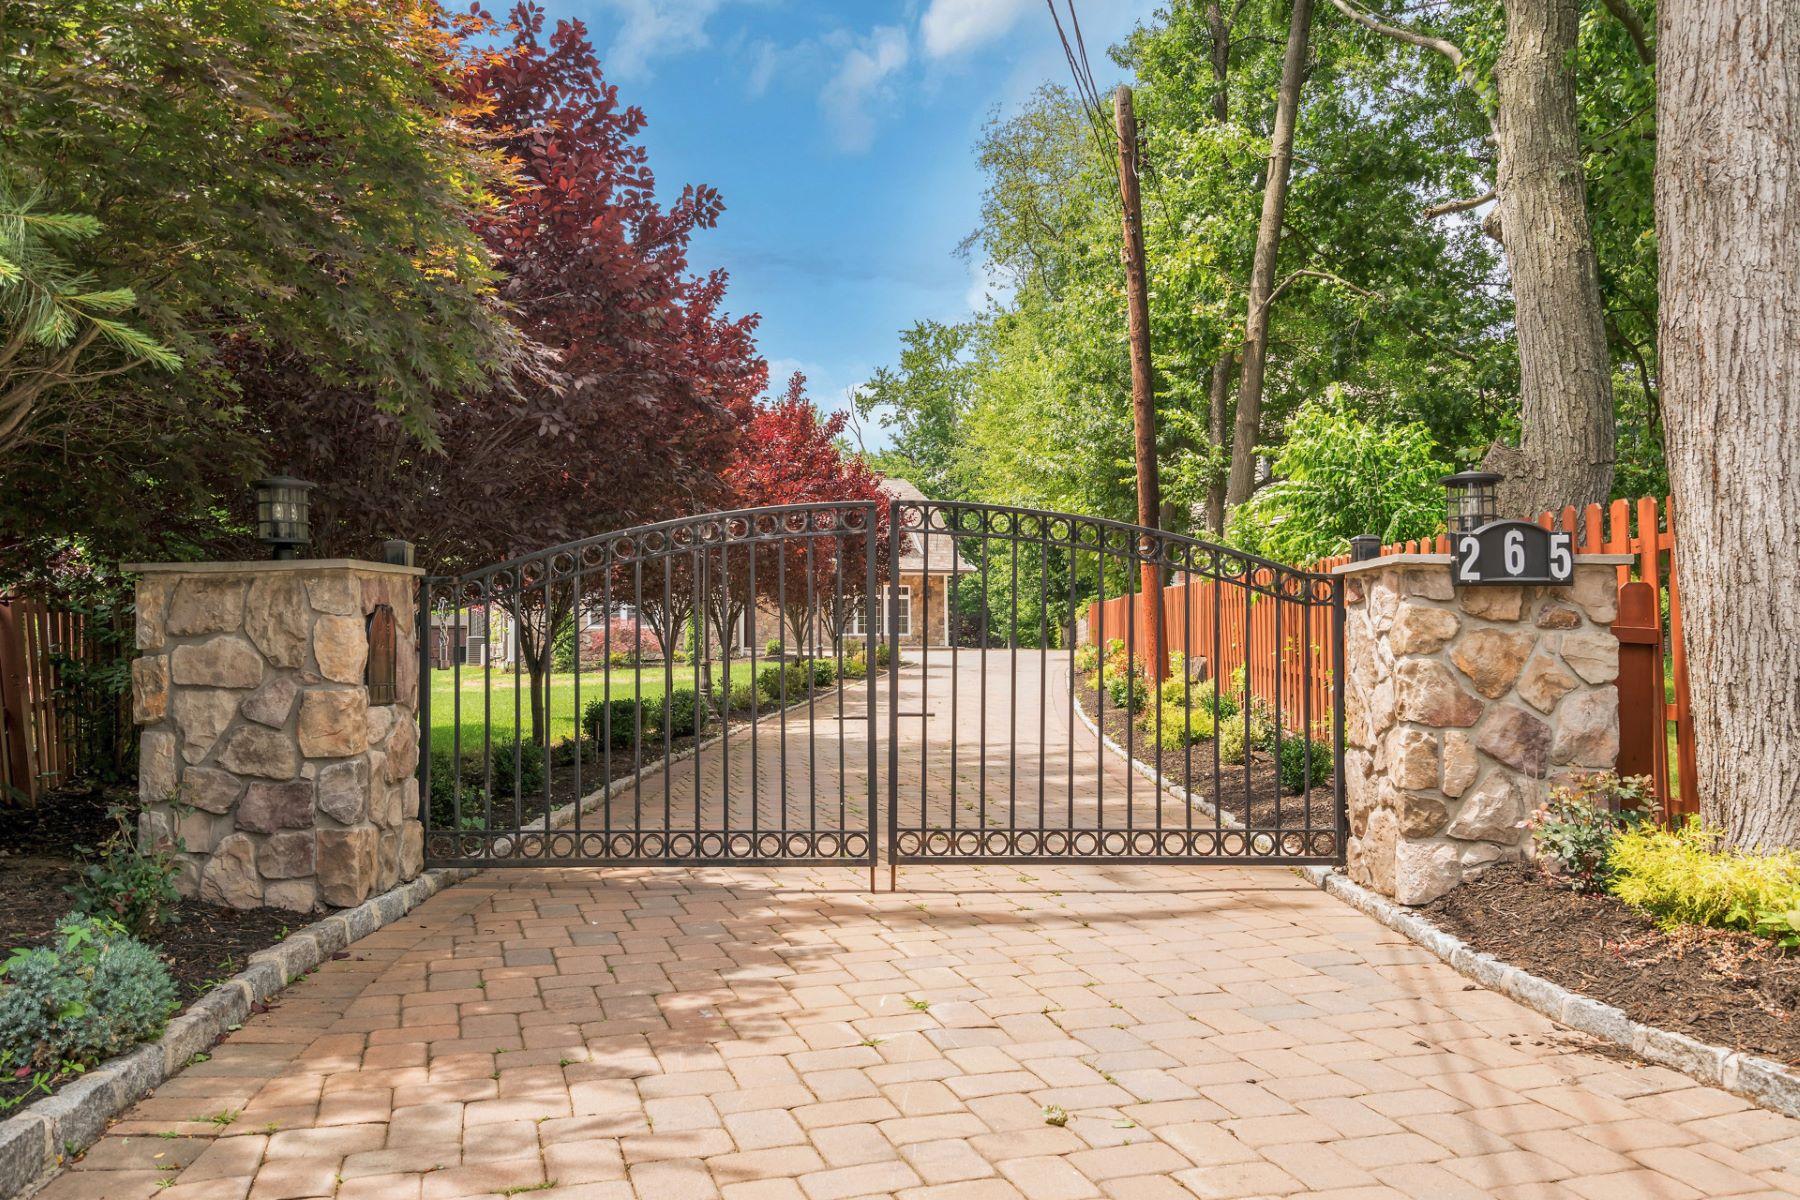 Частный односемейный дом для того Продажа на Custom Built Colonial 265 Piermont Rd Cresskill, Нью-Джерси, 07626 Соединенные Штаты